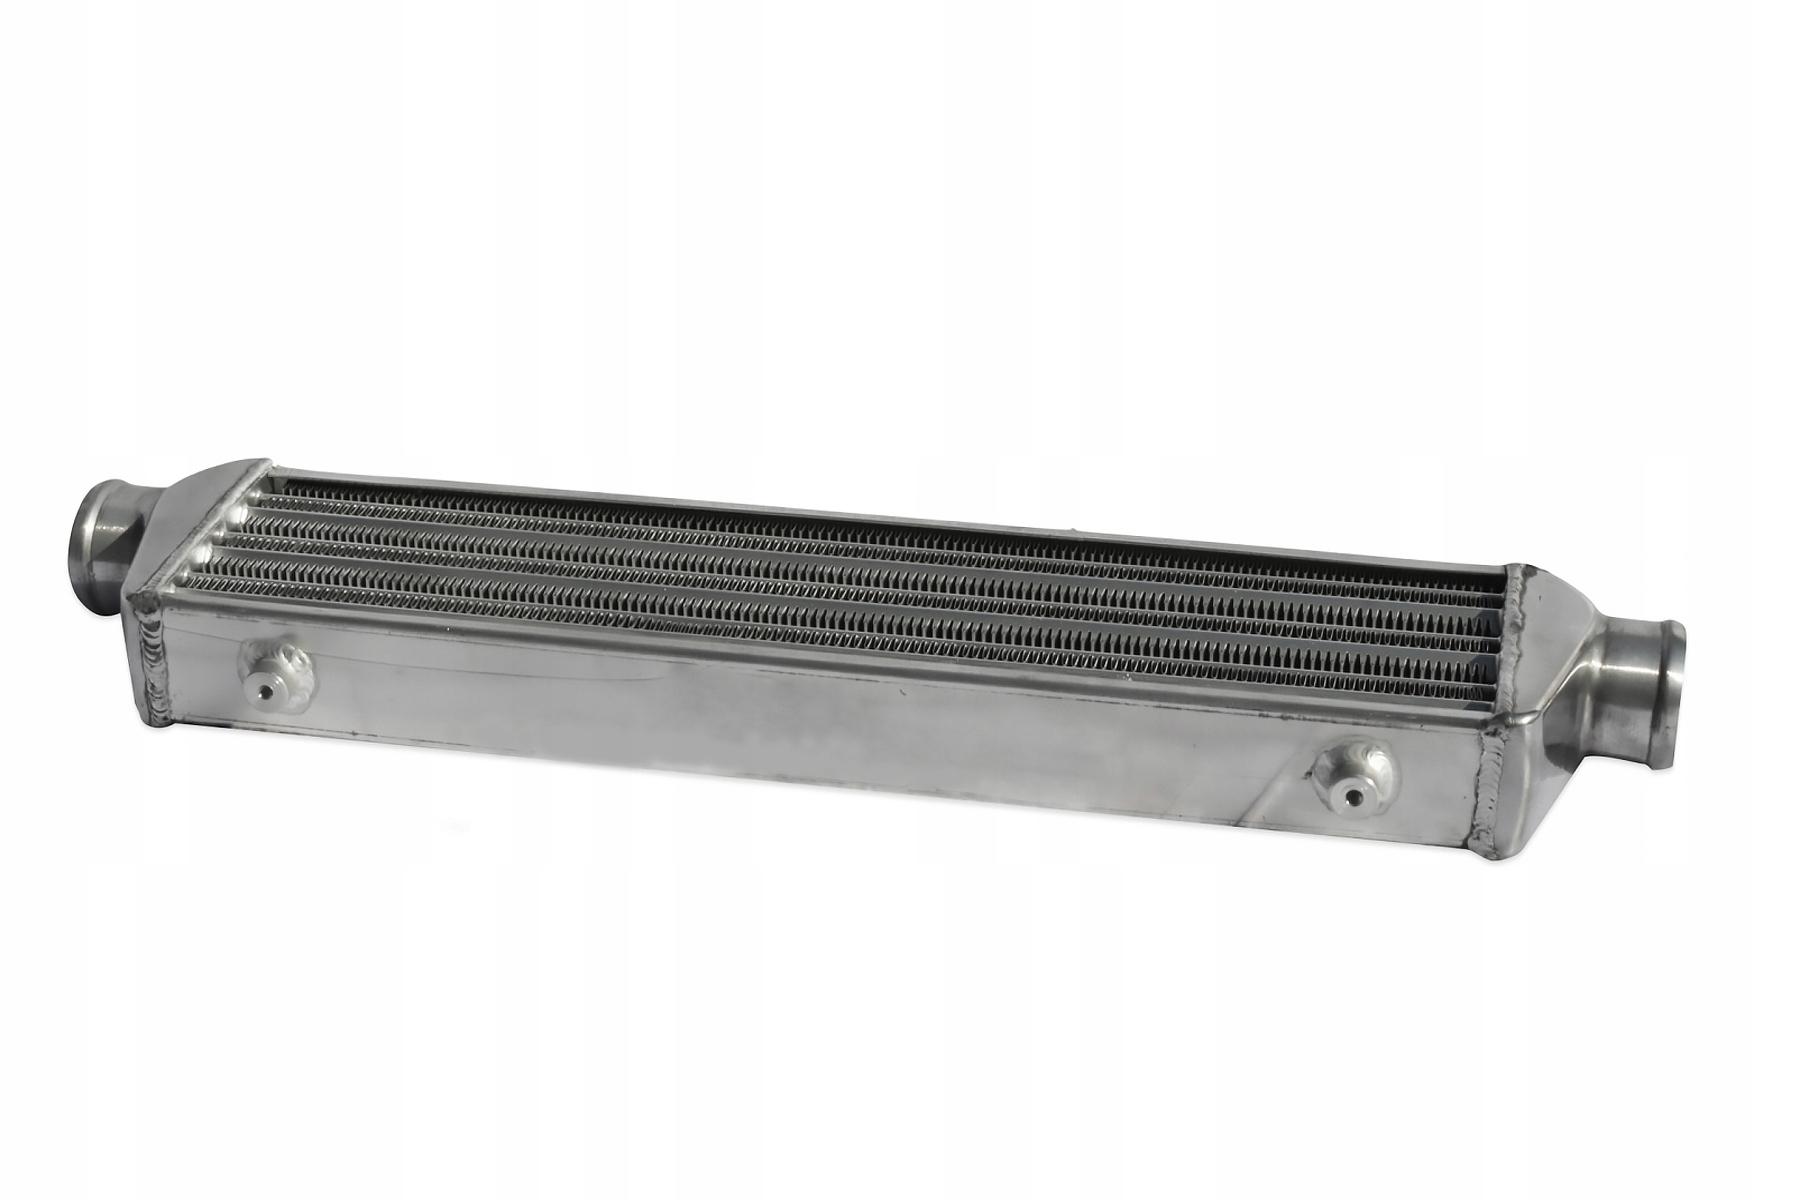 эффективно промежуточное 550x180x65mm как apexi